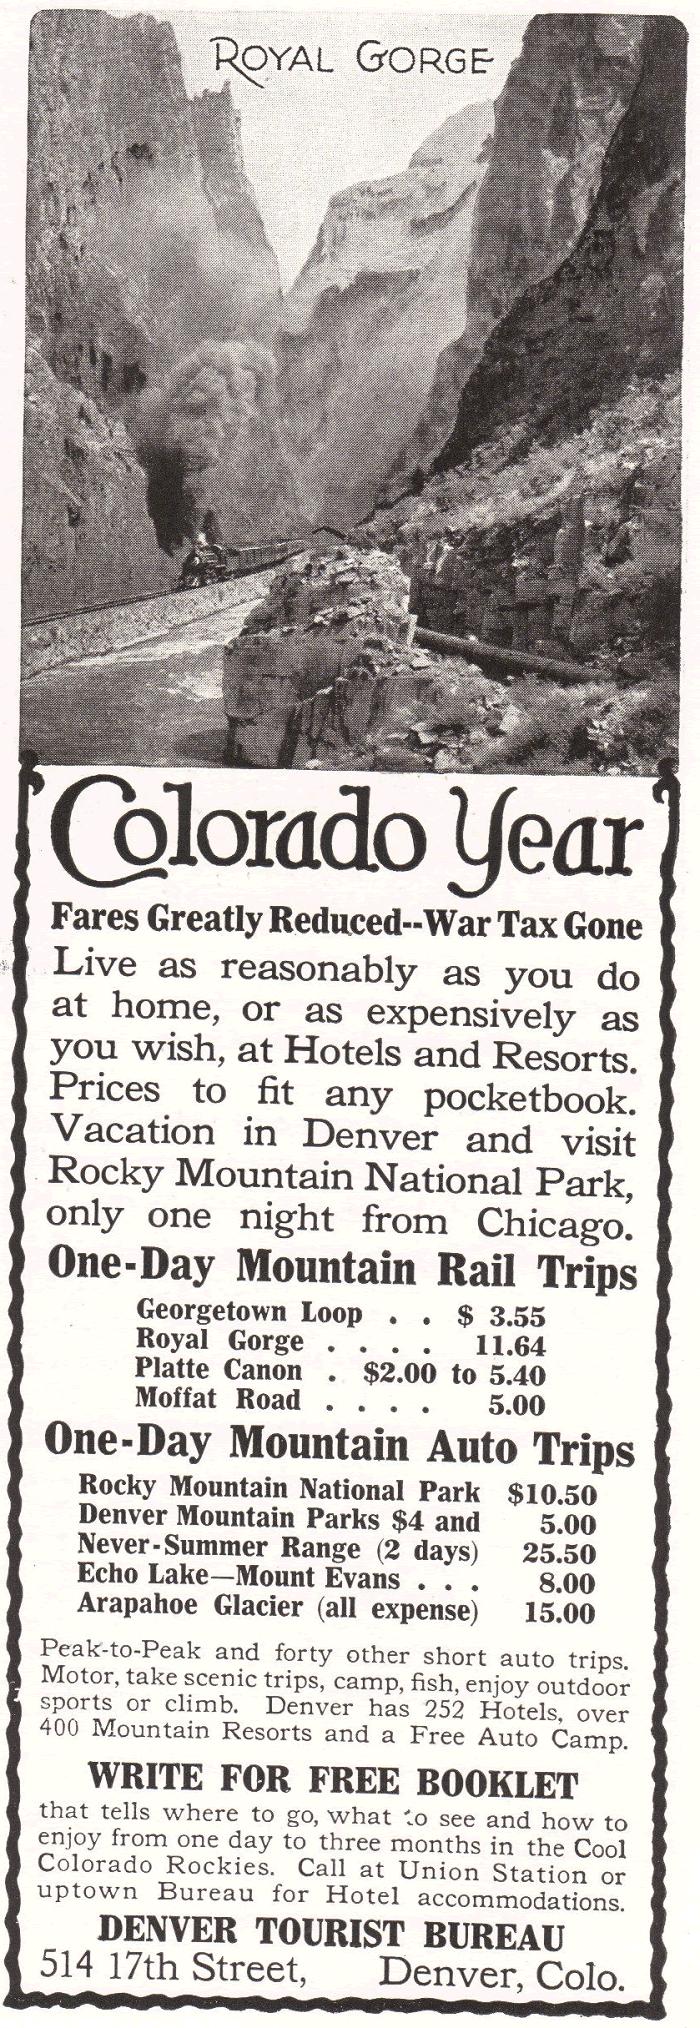 Denver Tourist Bureau Advertisement from 1922